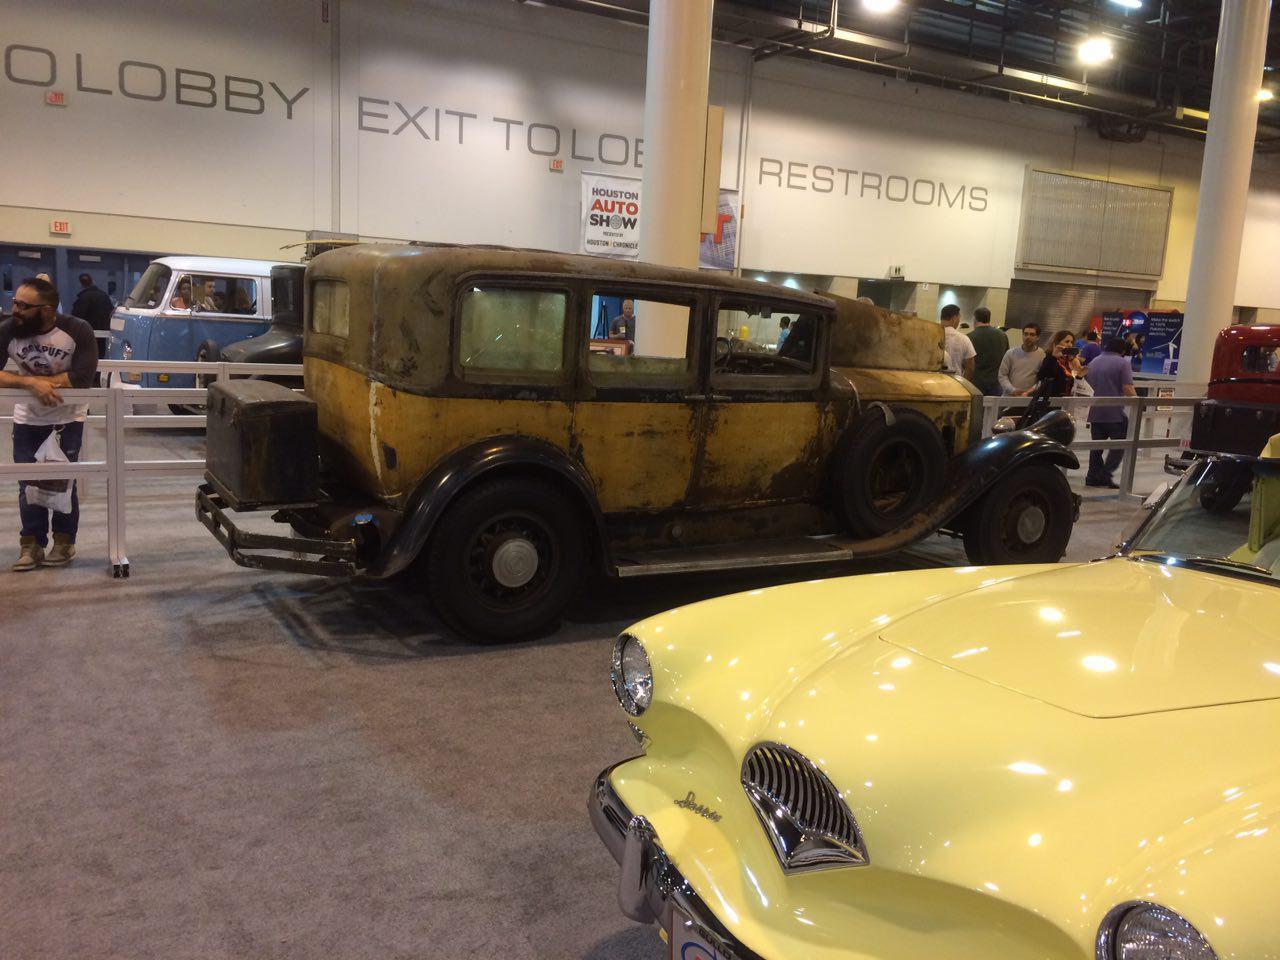 تصاویری از نمایشگاه خودرو در تگزاس